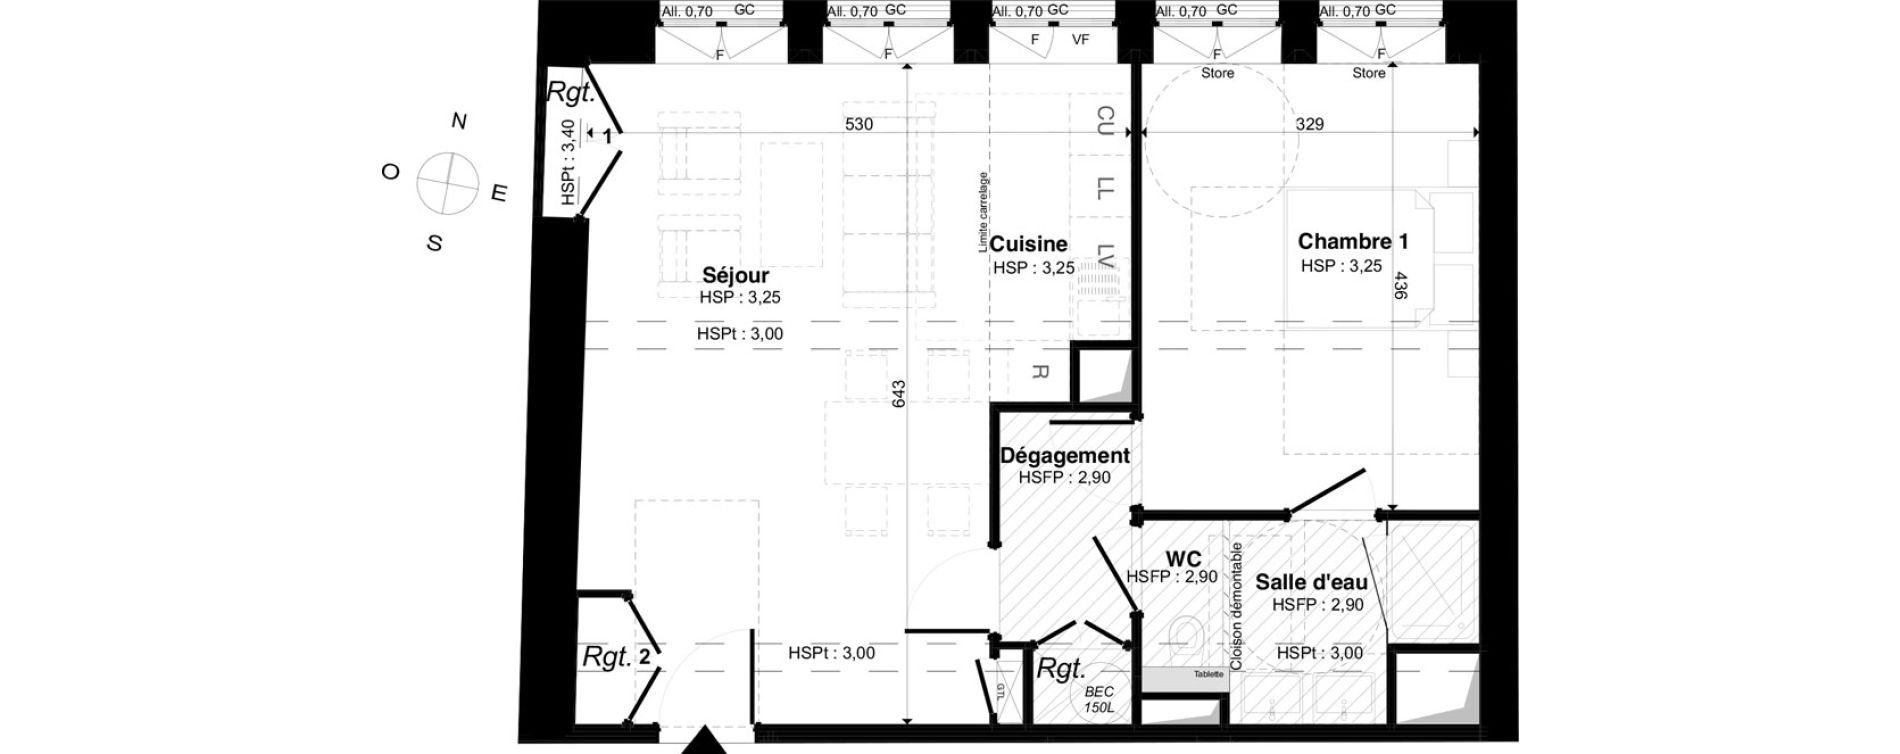 Appartement T2 de 53,36 m2 à Saint-Malo Intra-muros